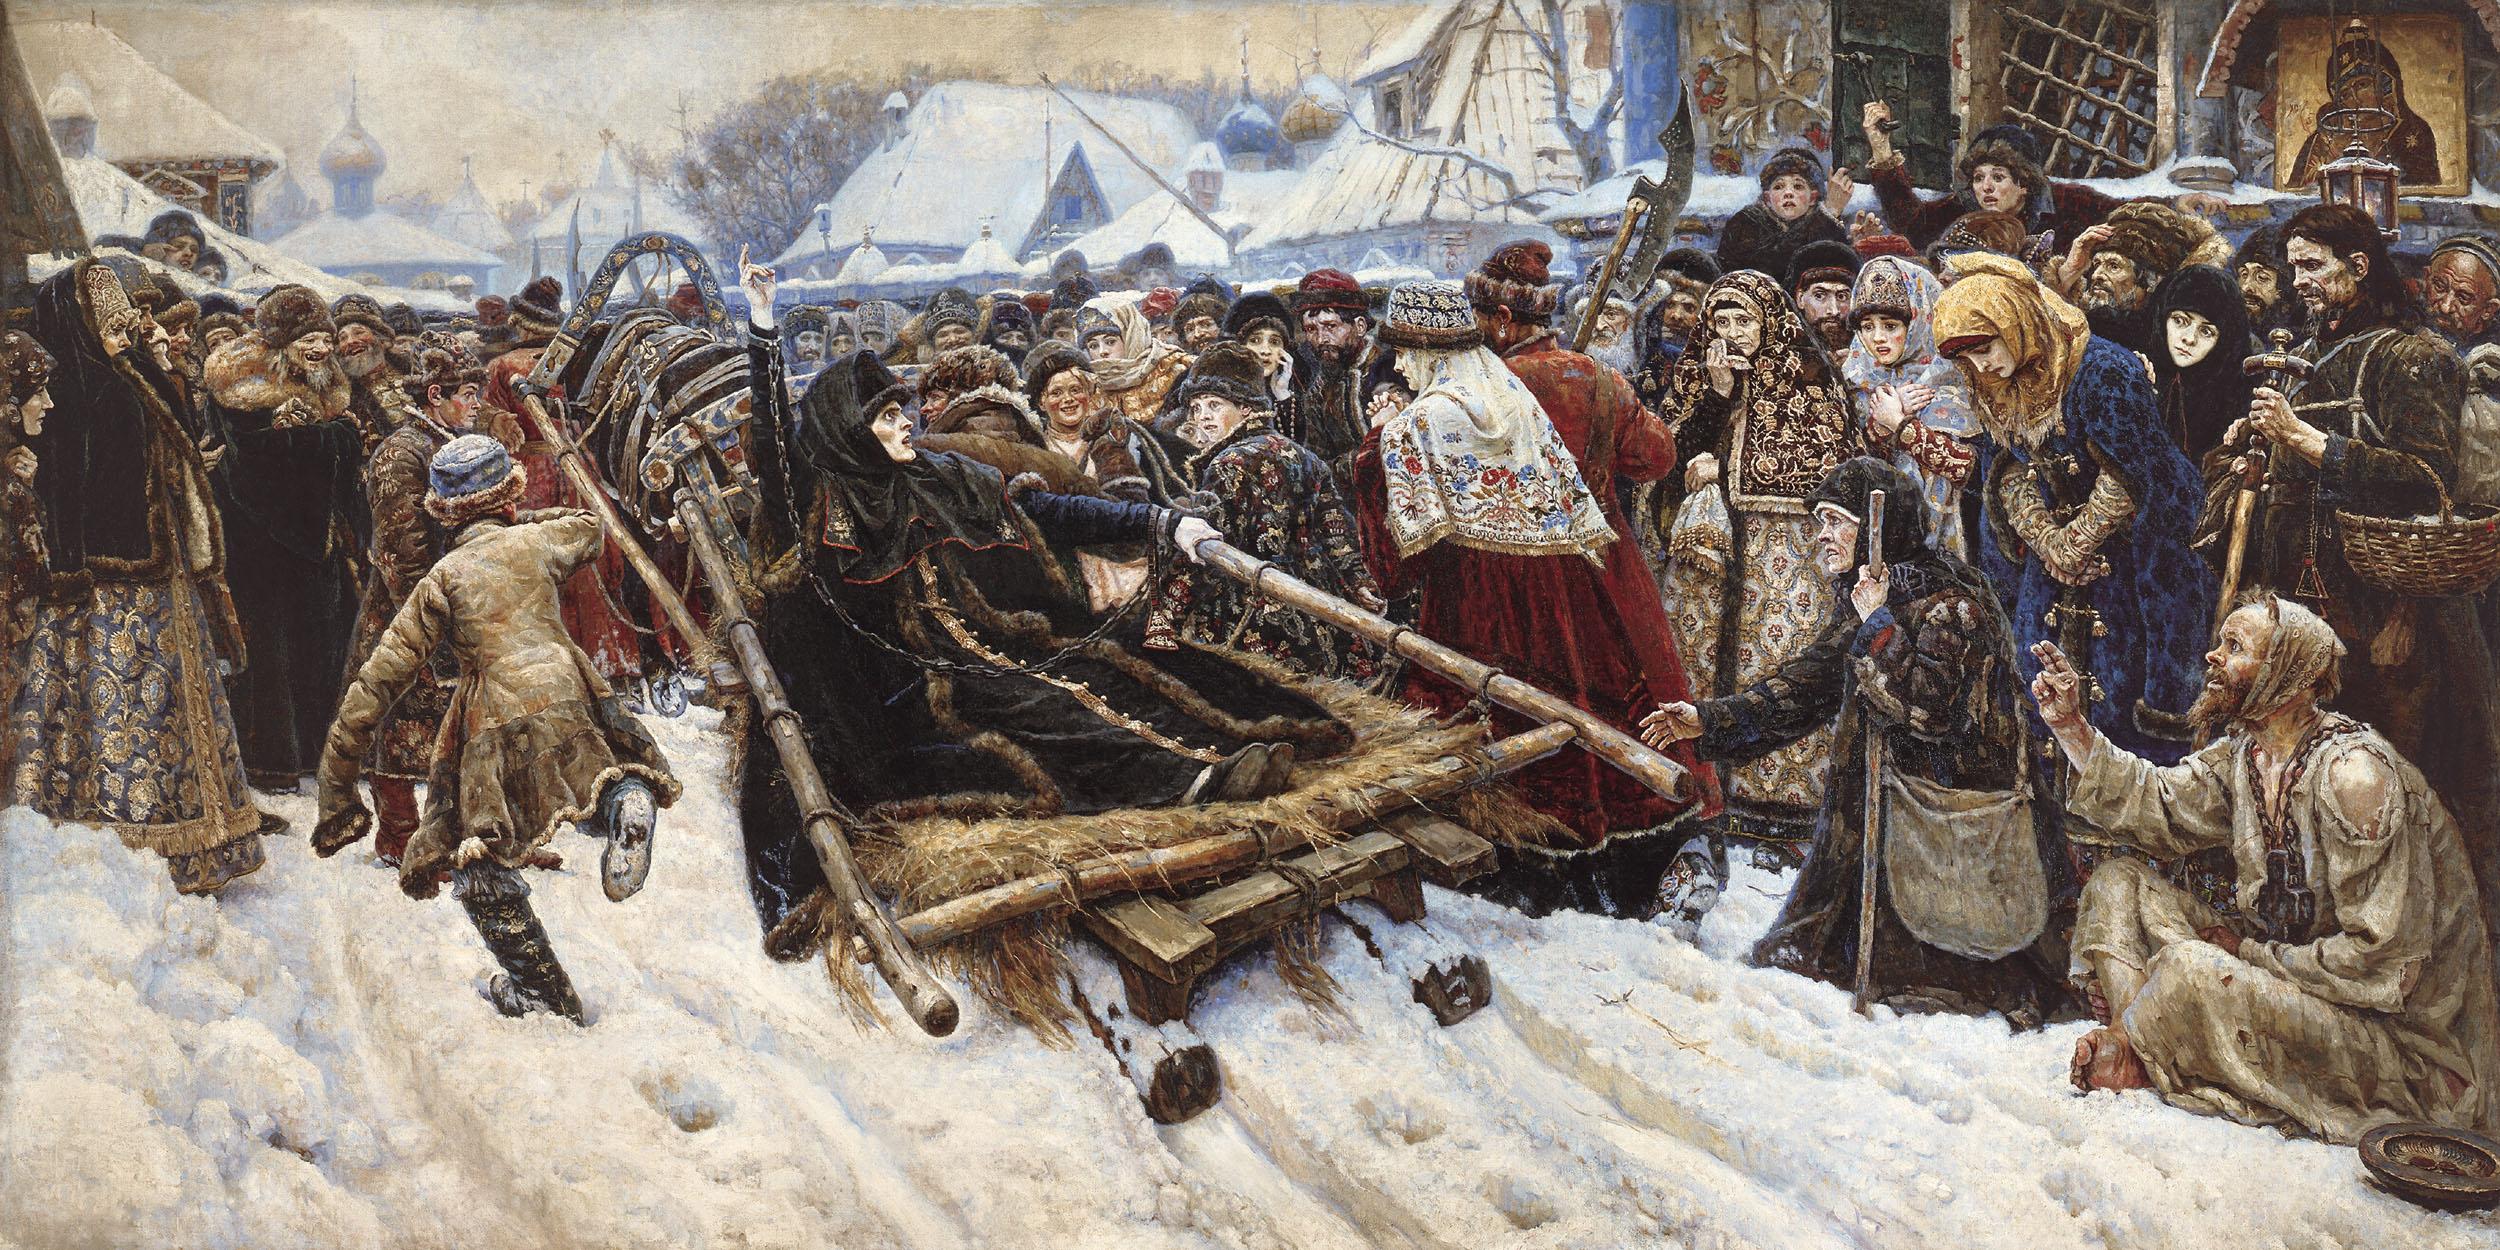 Boyarynya Morozova - Vasily Surikov - WikiArt.org: www.wikipaintings.org/en/vasily-surikov/boyarynya-morozova-1887